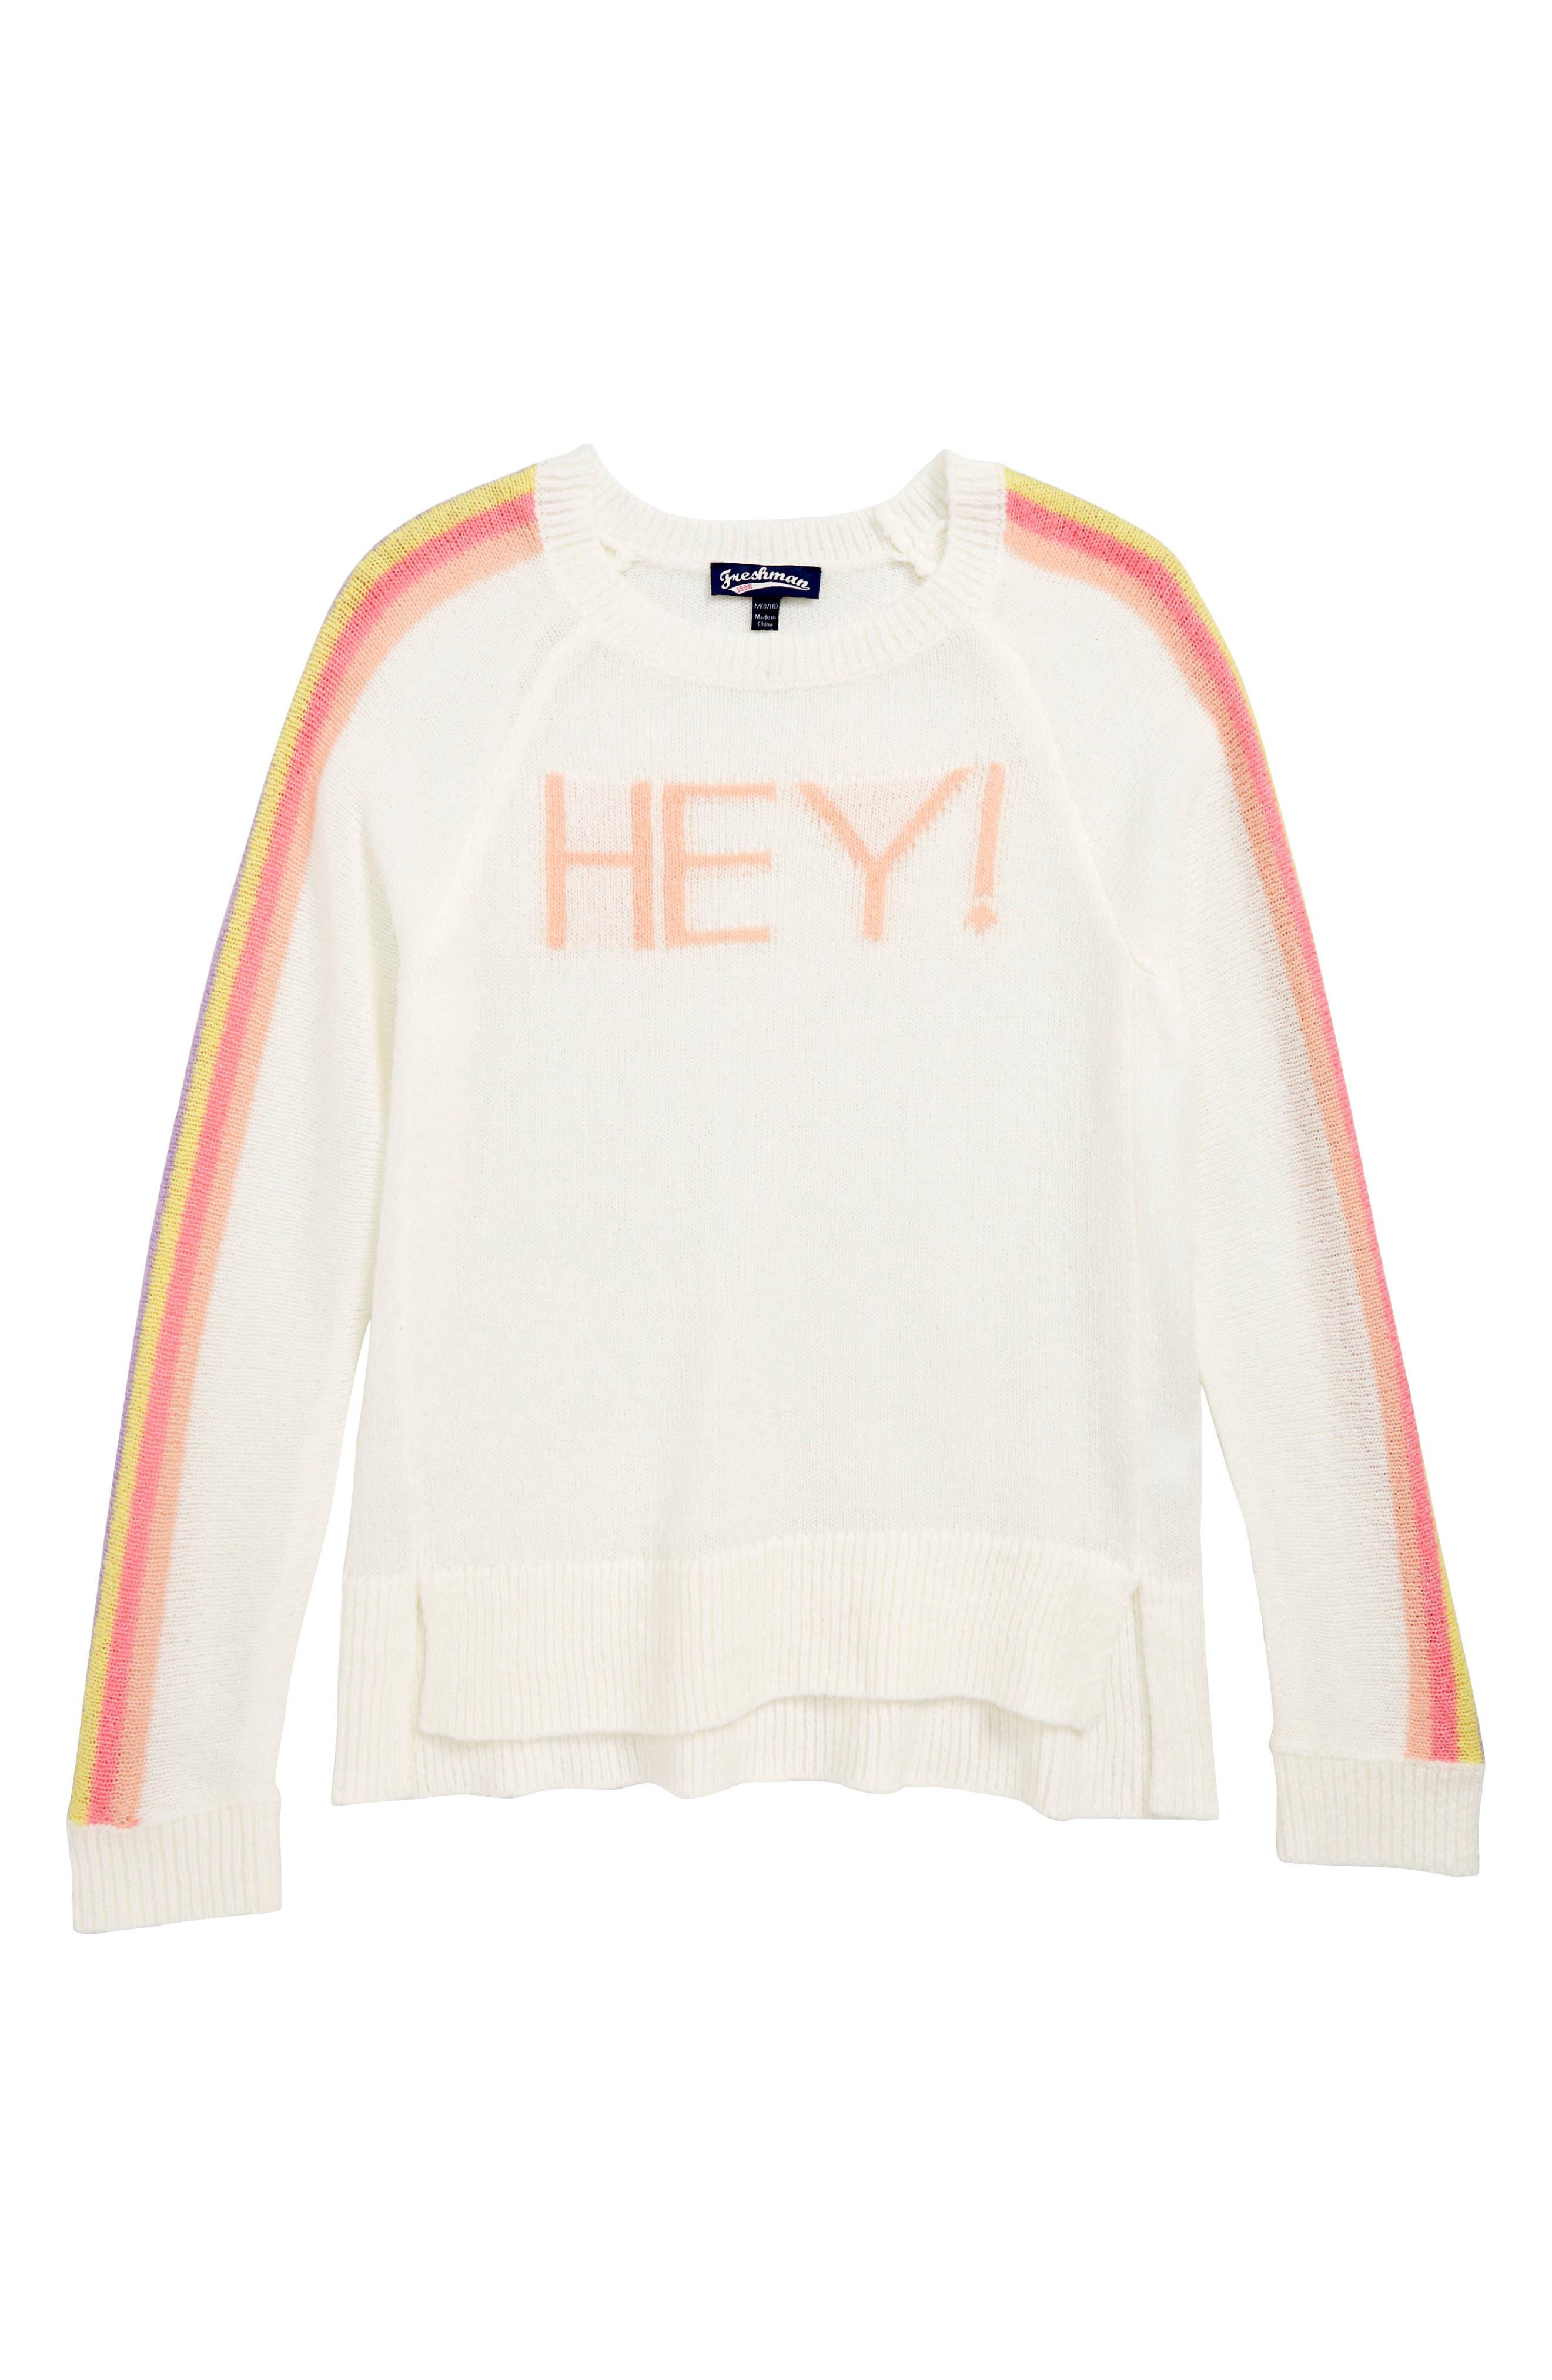 Girls Freshman Hey Rainbow Sweater Size L (1214)  Ivory